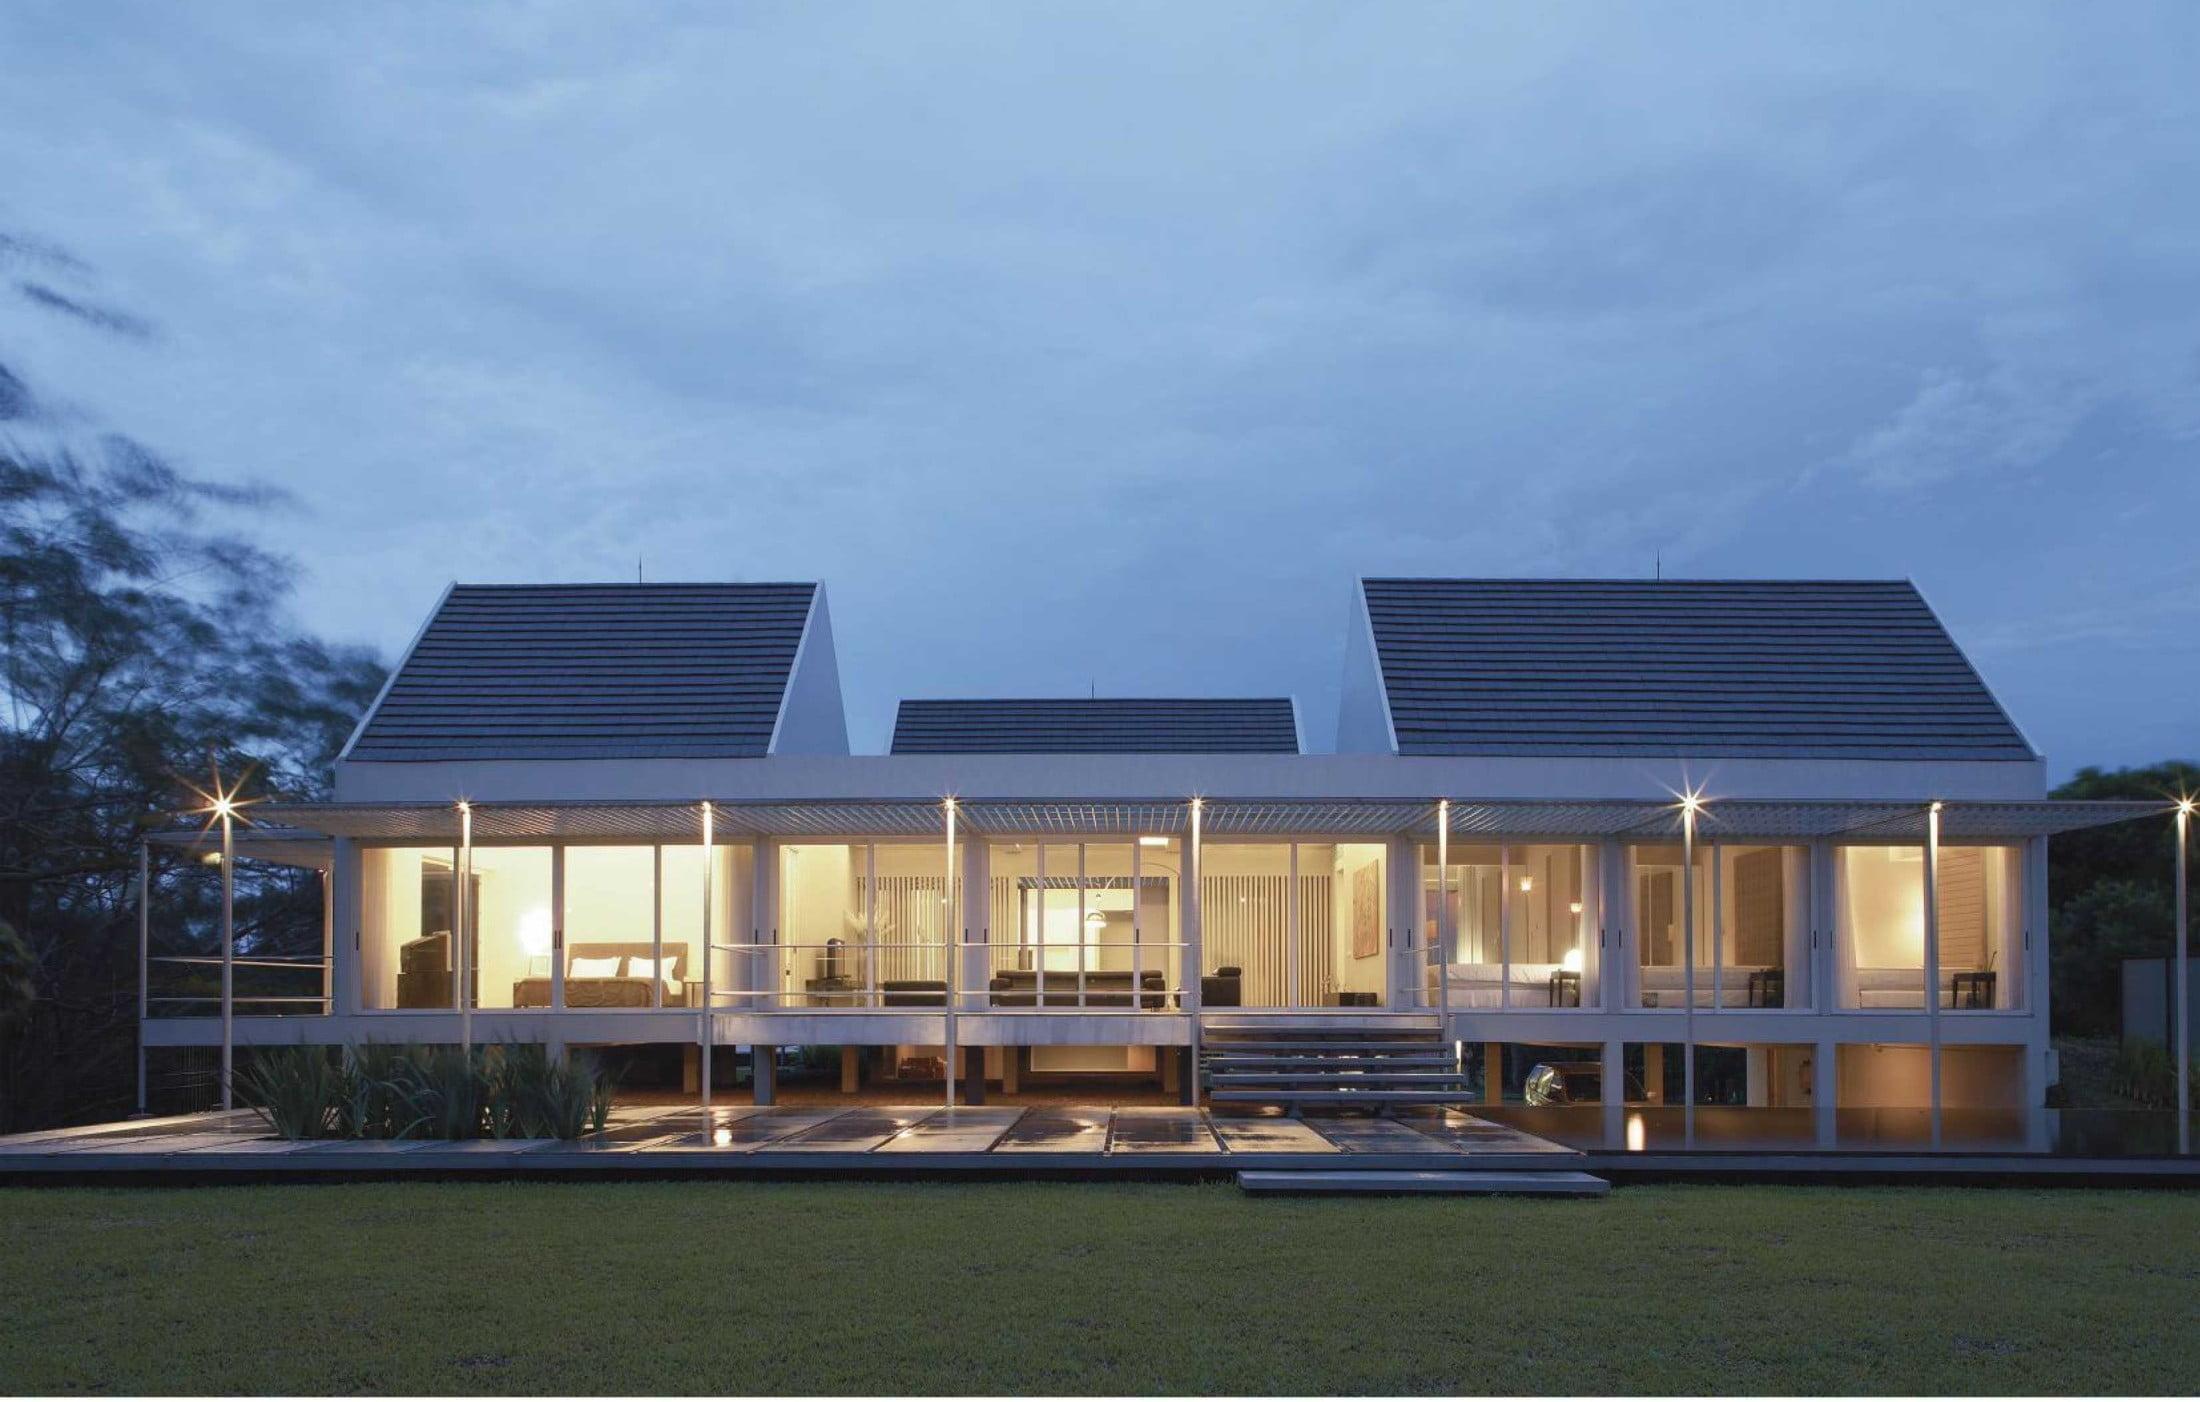 22 Ragam Desain Rumah Minimalis Memiliki Banyak Unsur Paling Populer Di  Dunia - Deagam Design